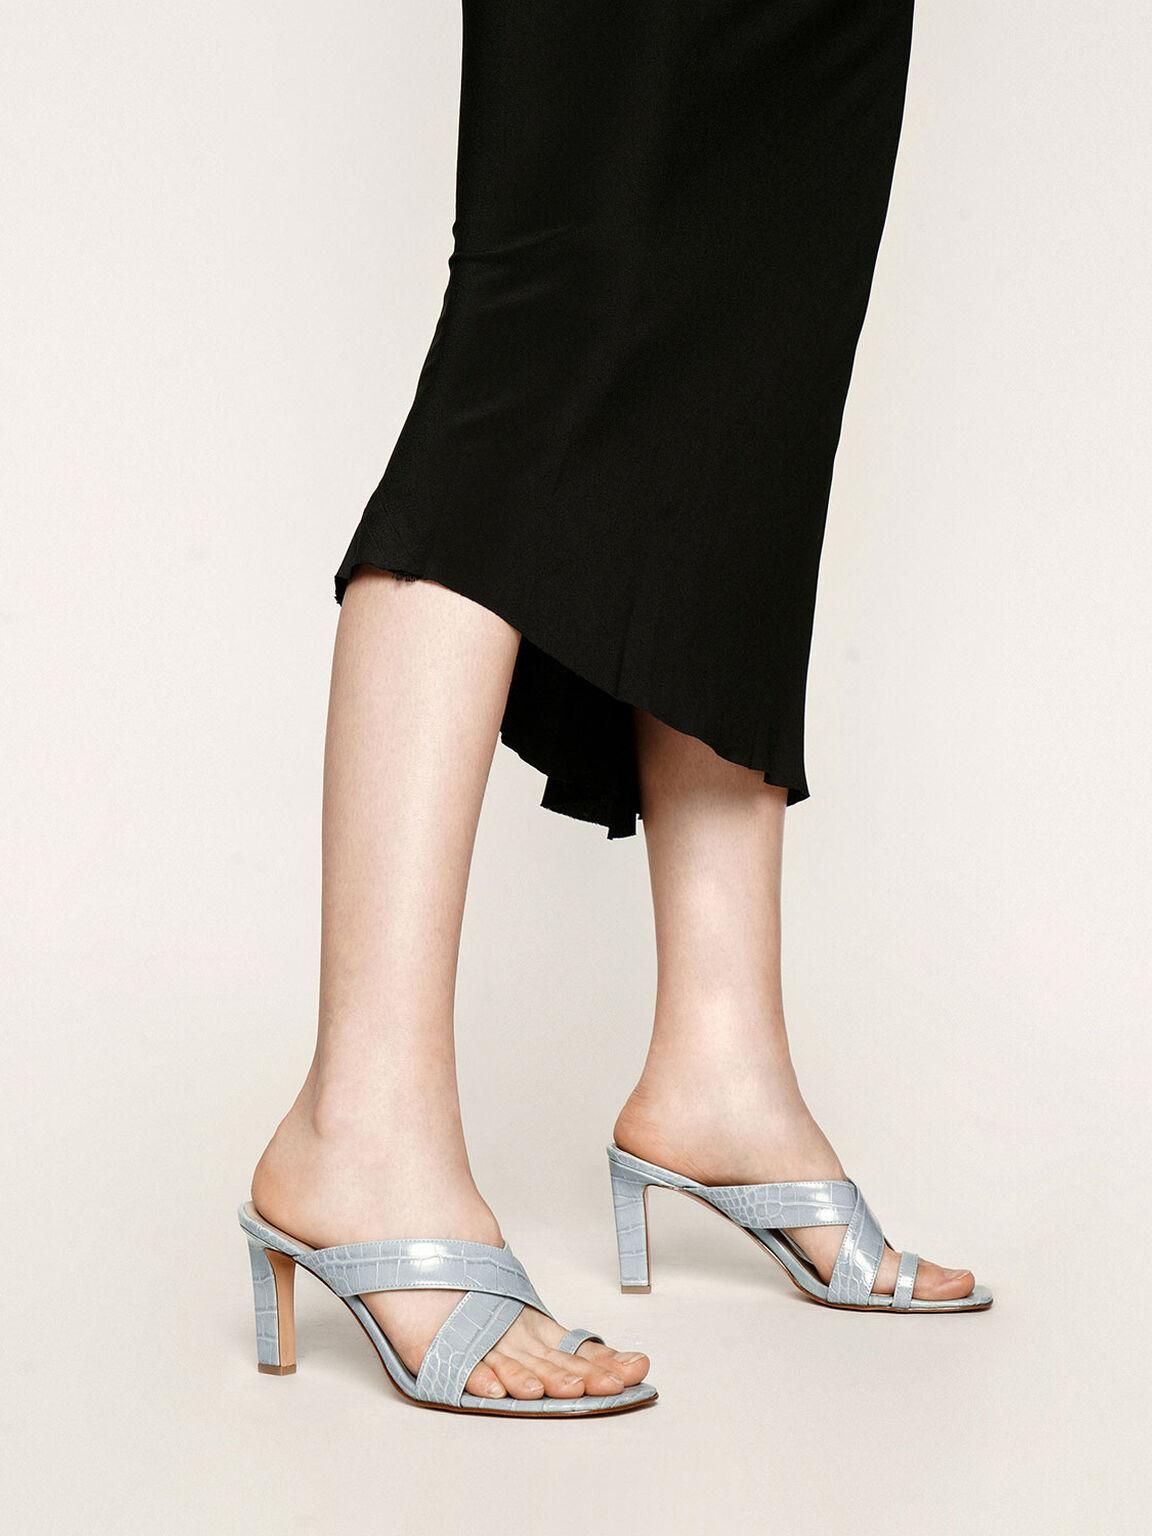 交叉帶夾腳拖鞋, 藍色, hi-res